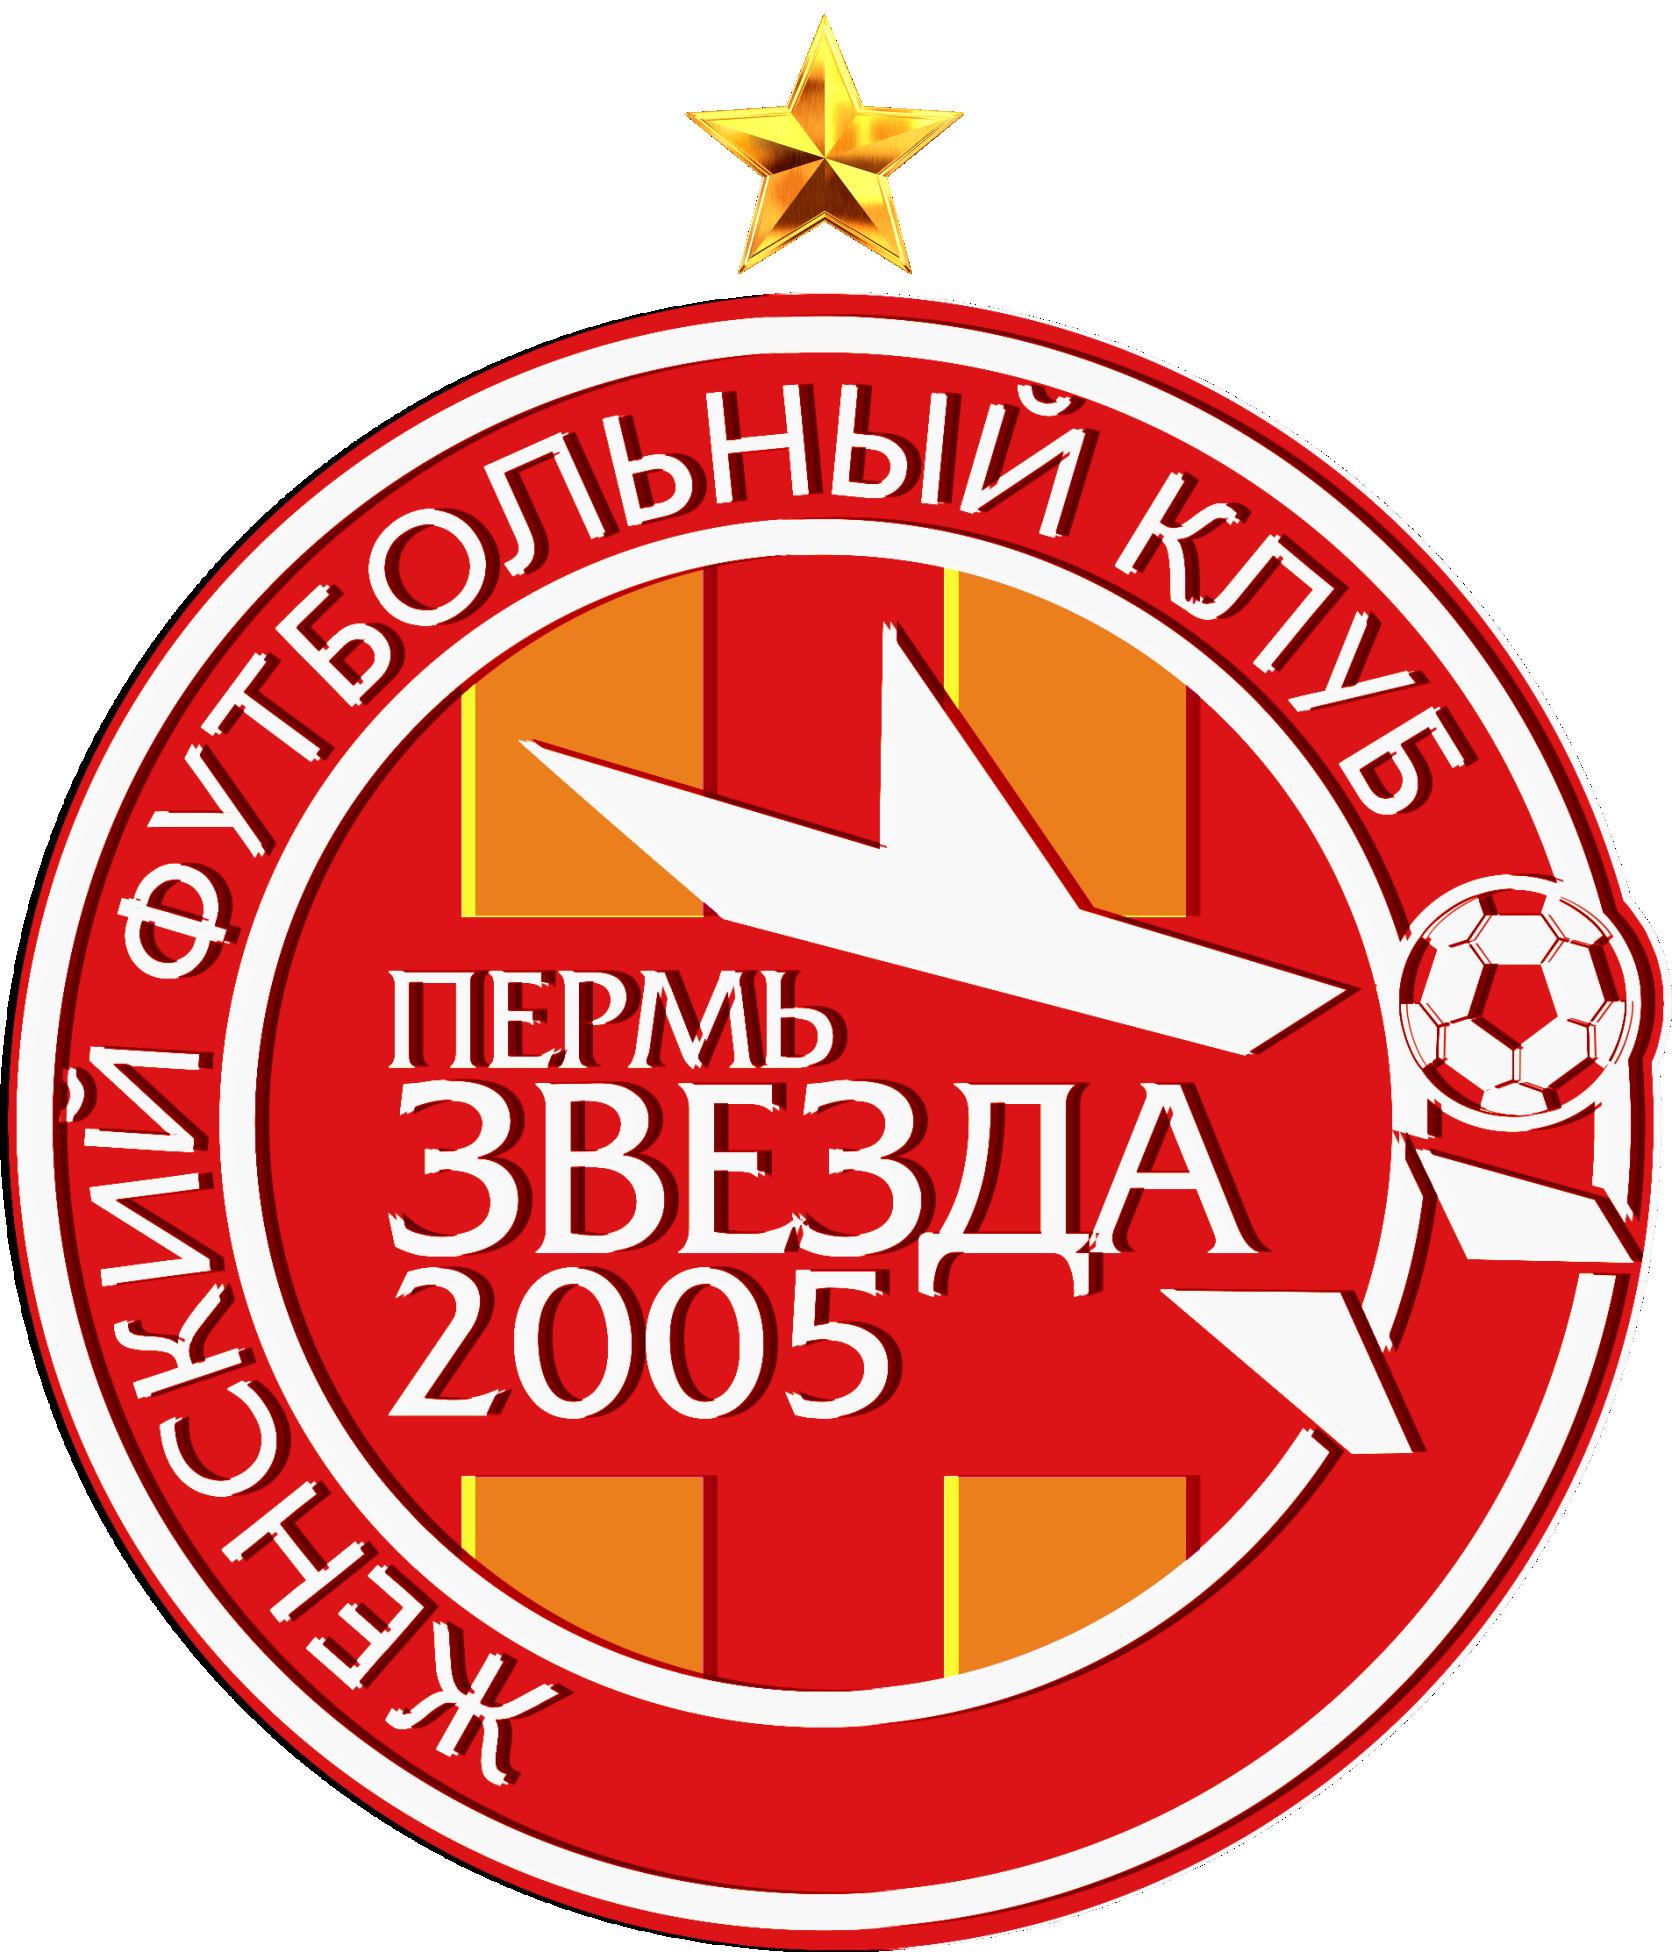 Футбольный клуб москва звезда закрытый клуб секс